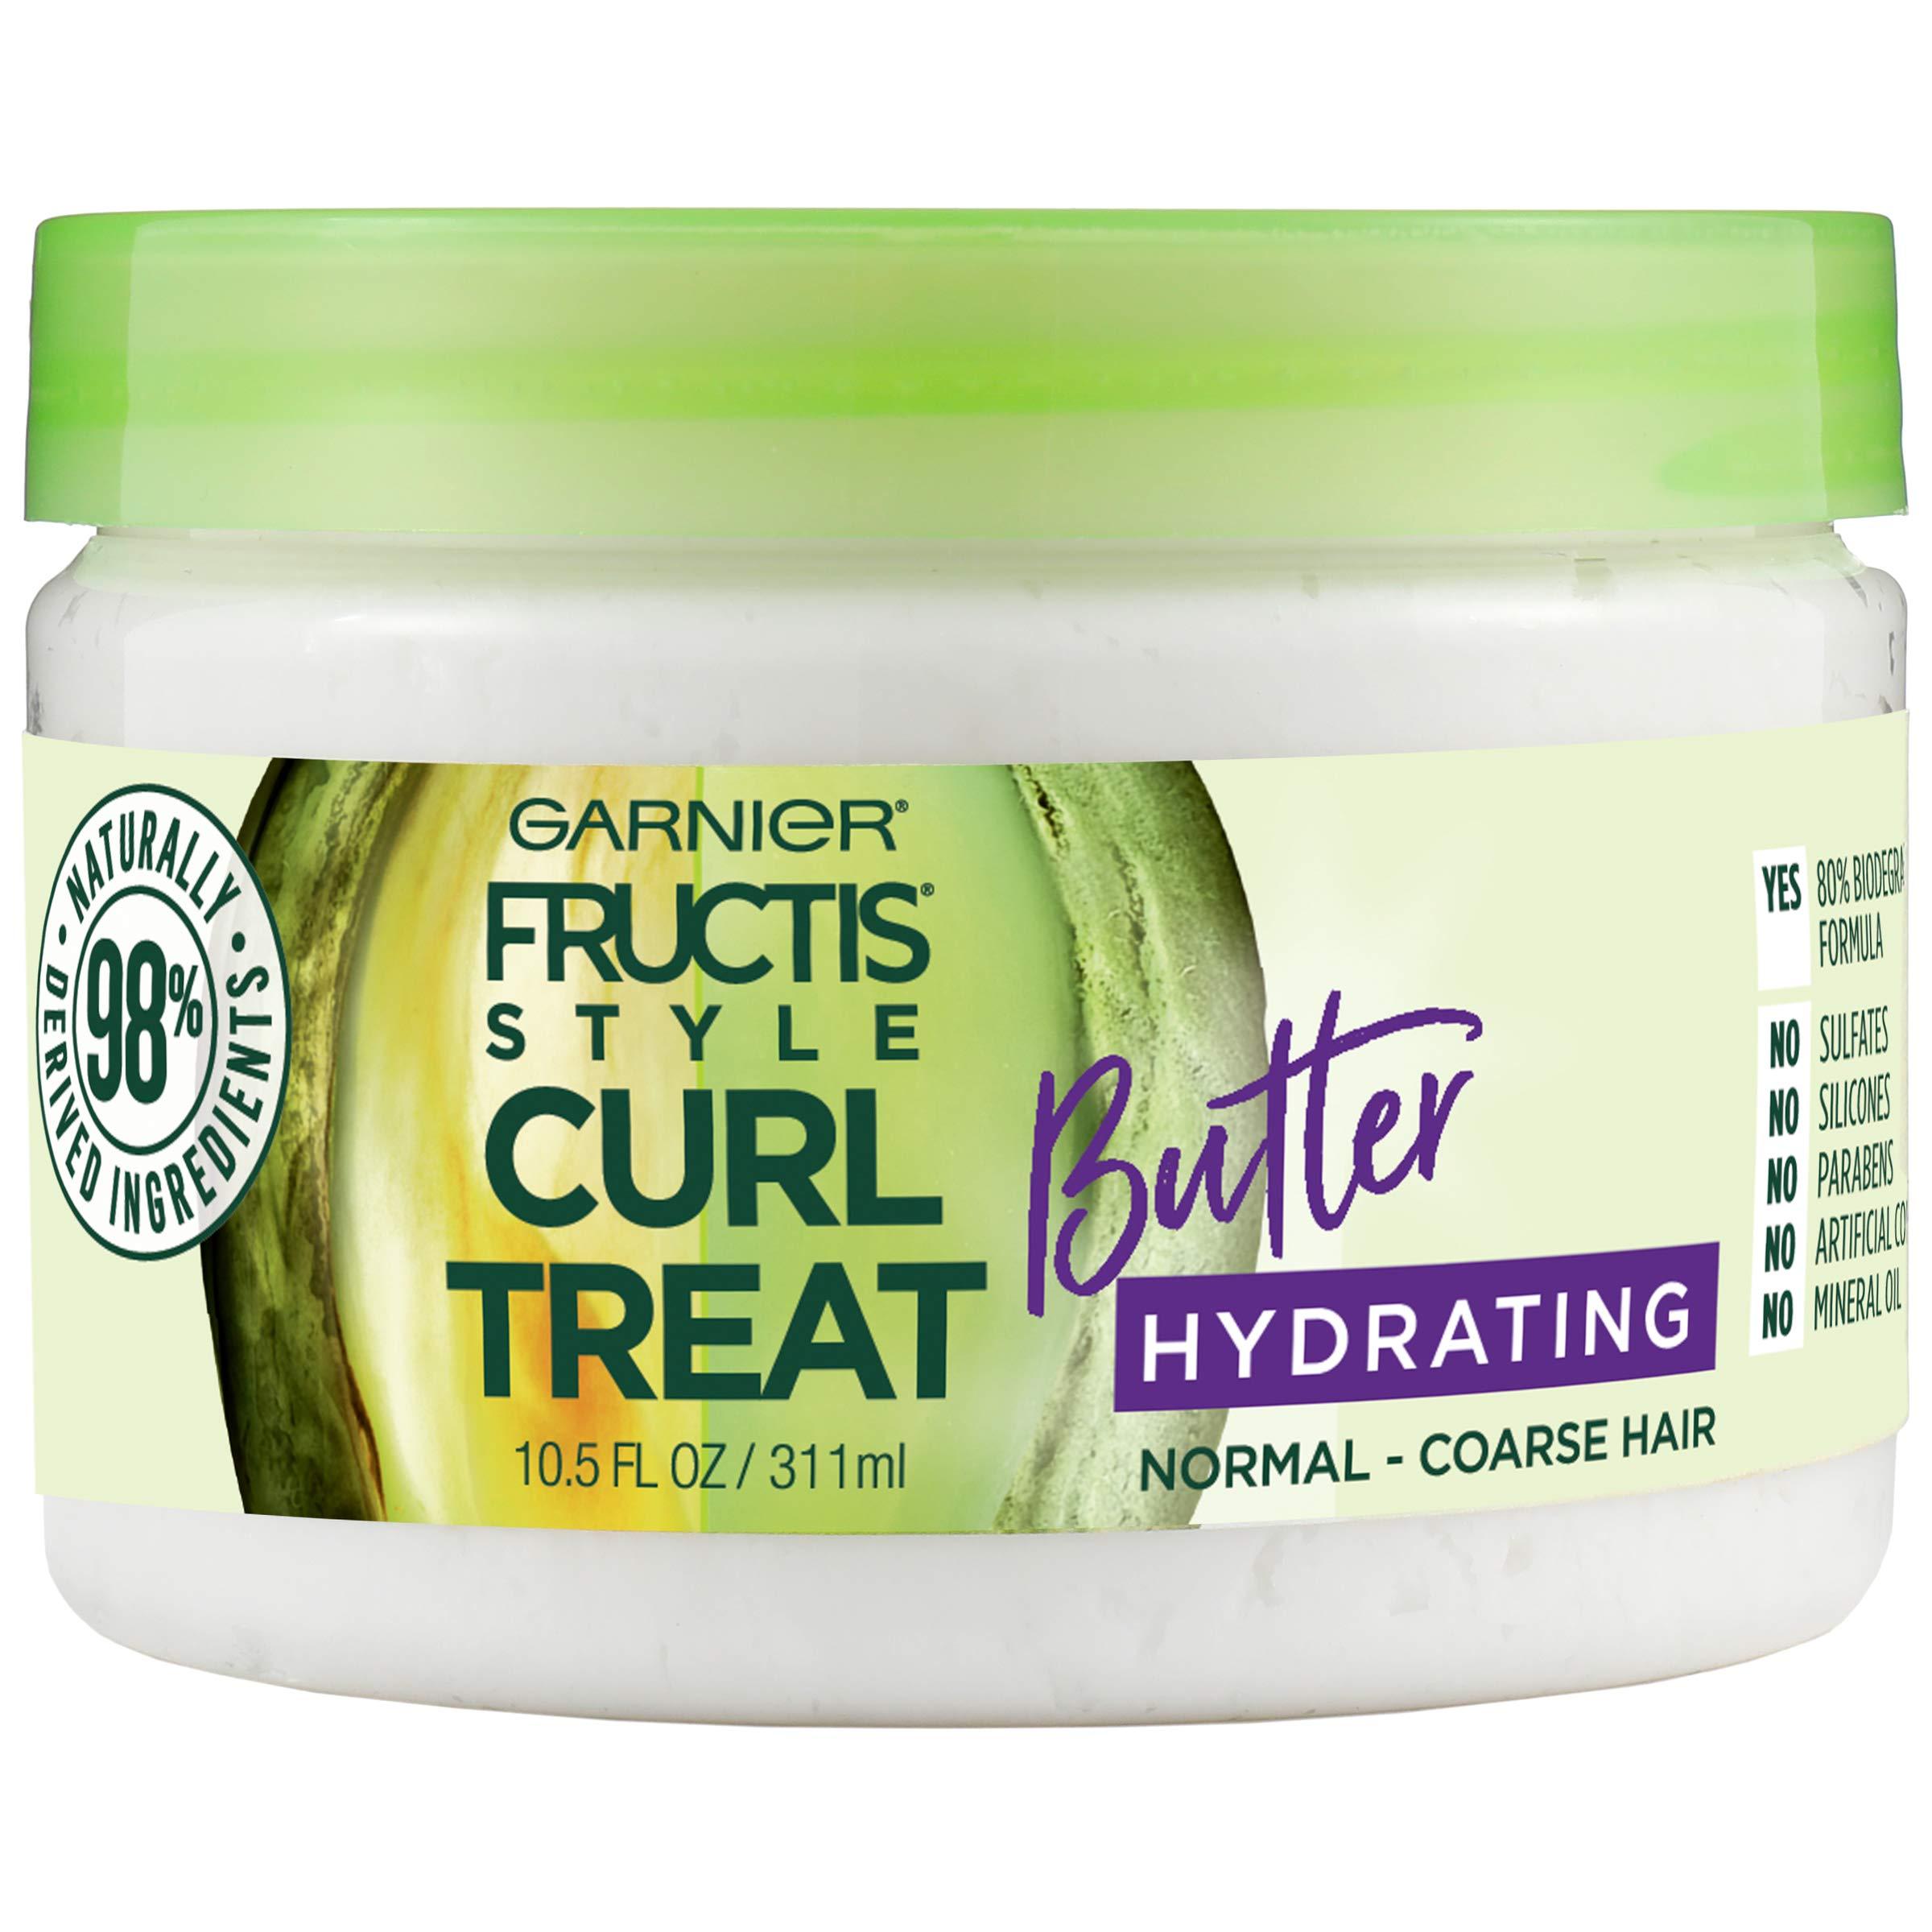 Garnier Curl Treat Butter Hydrating Leave-in Styler Butter